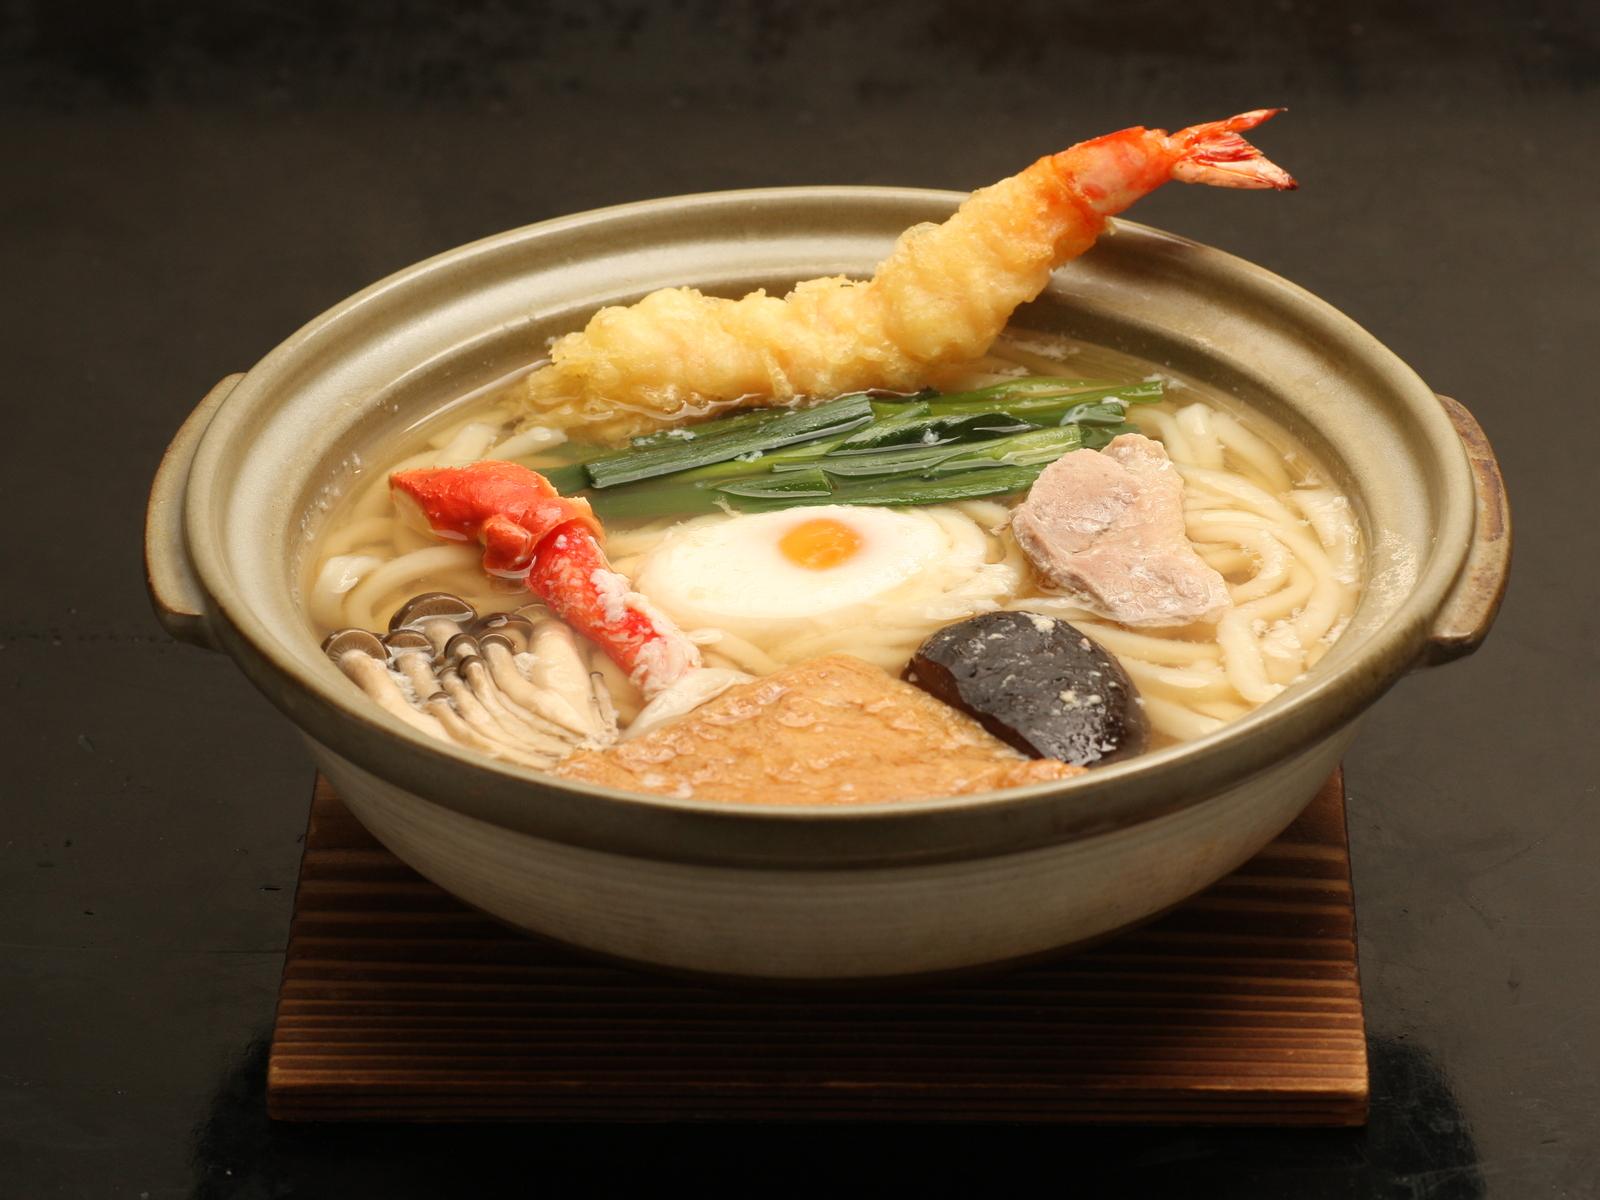 江頭さんのオススメは、鍋焼きうどん